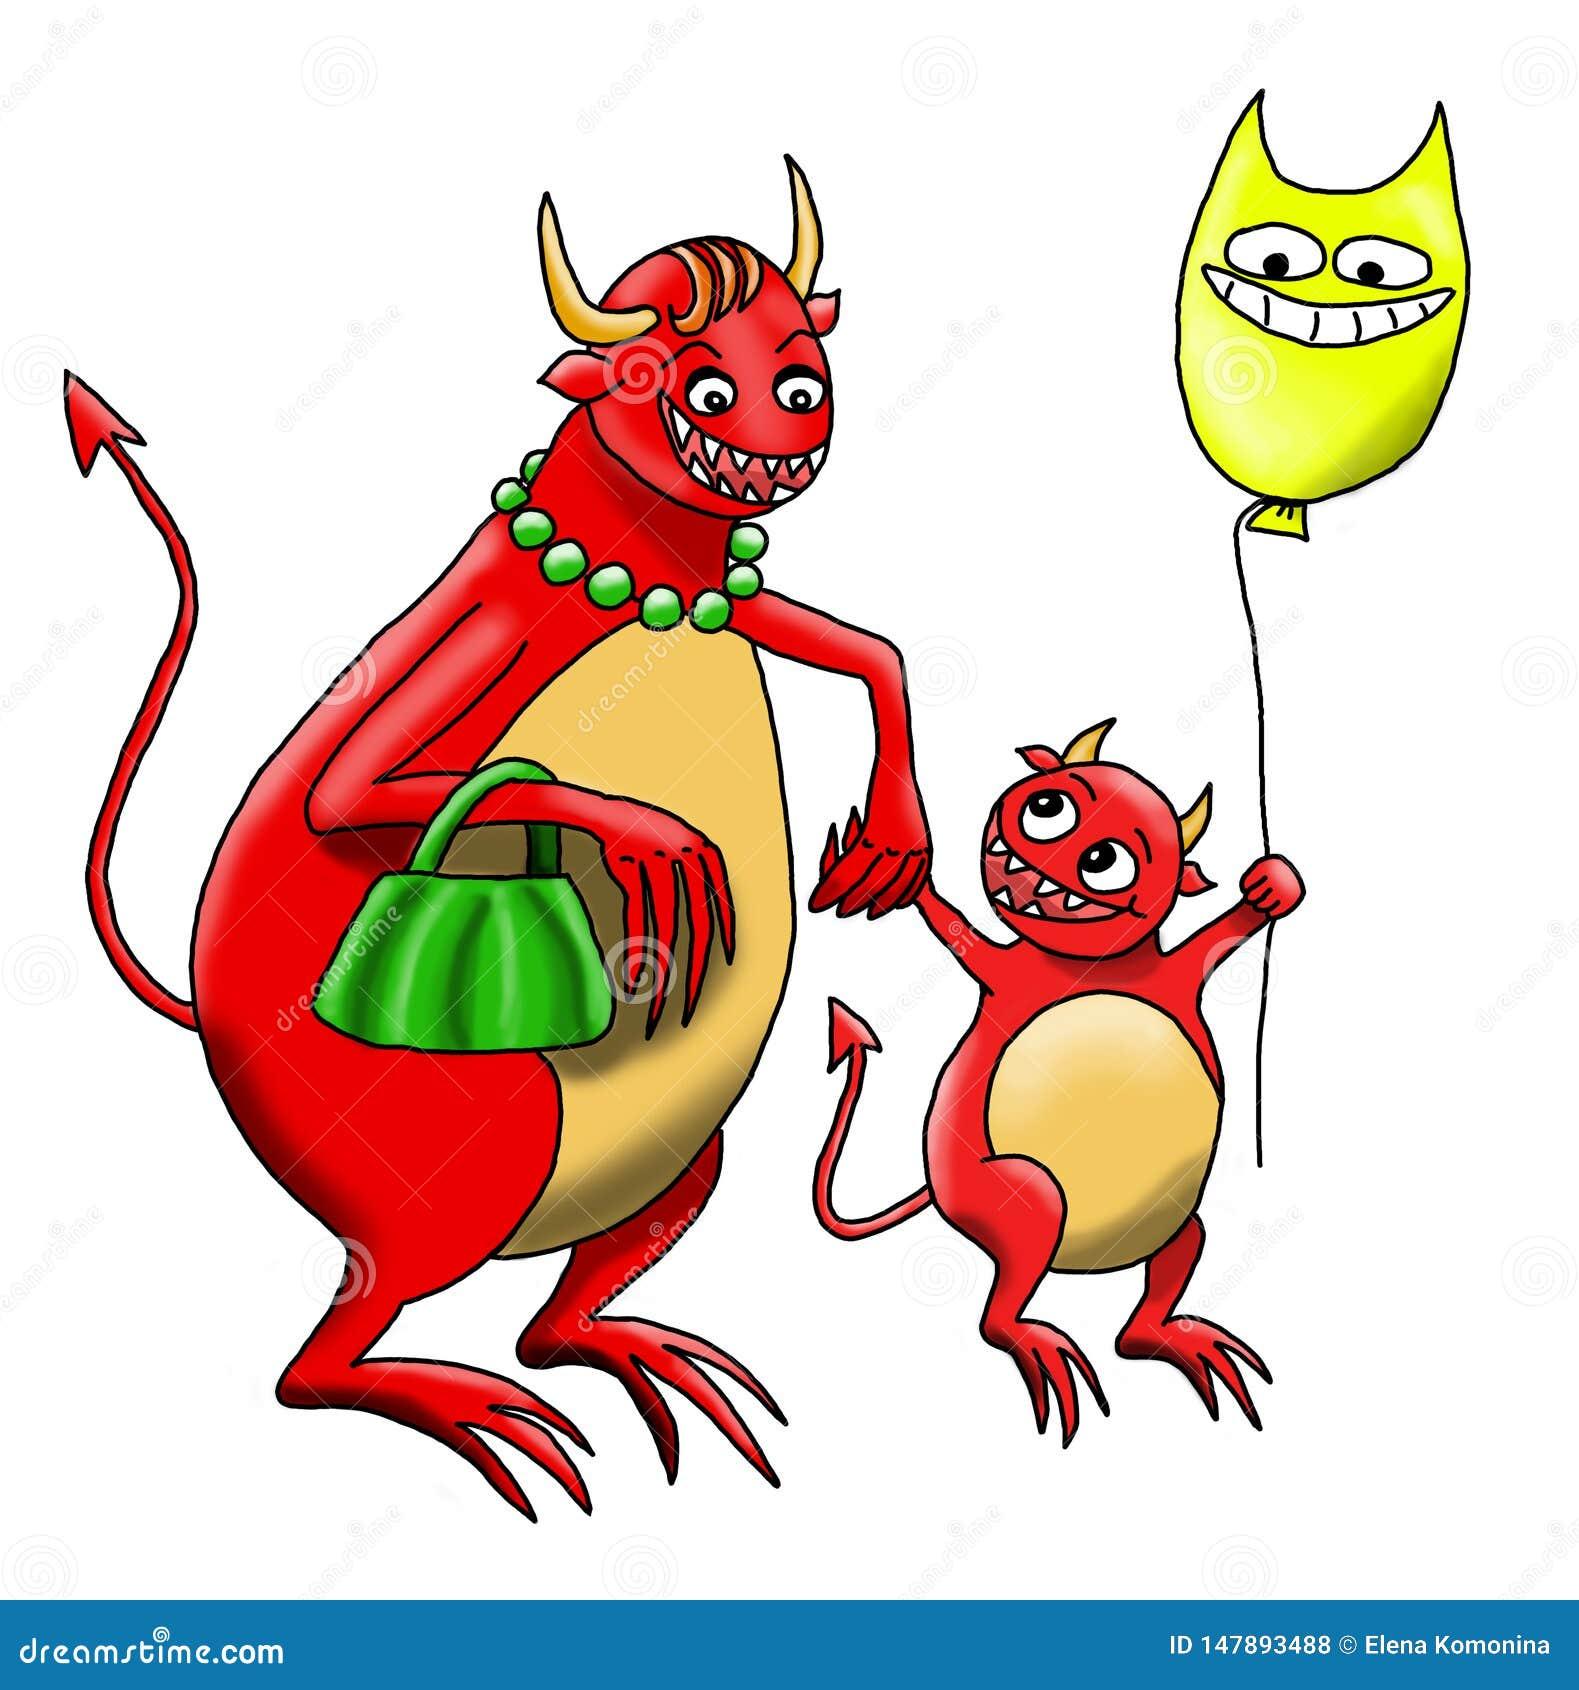 El Monstruo-bebé está caminando con él es Monstruo-madre junto